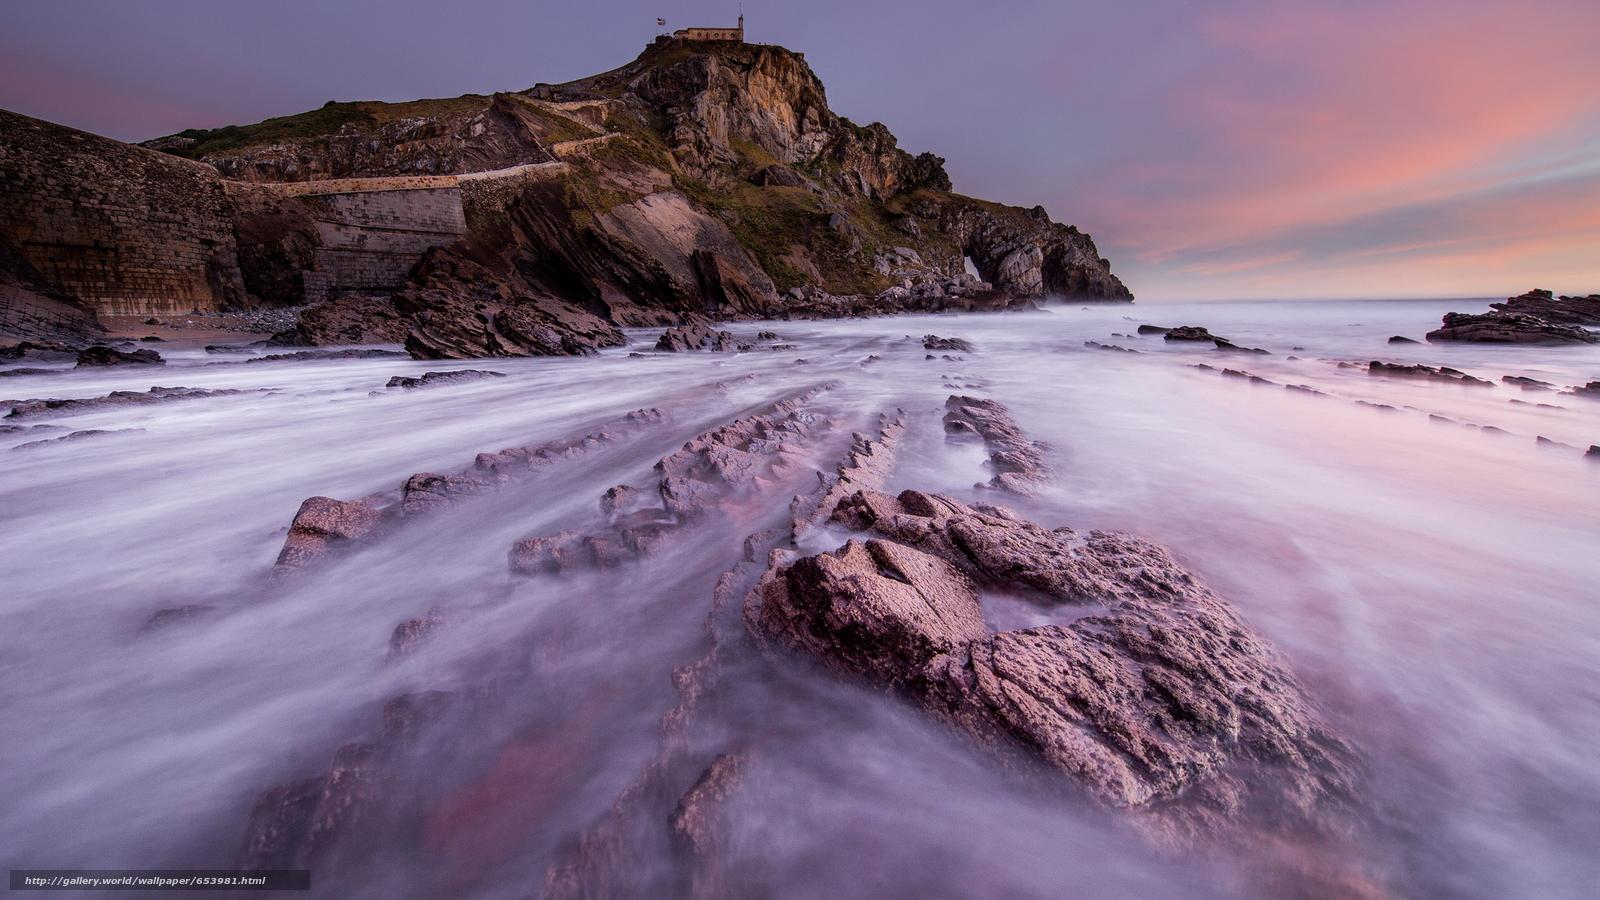 Скачать обои море,  океан,  водоем,  камни бесплатно для рабочего стола в разрешении 2048x1152 — картинка №653981